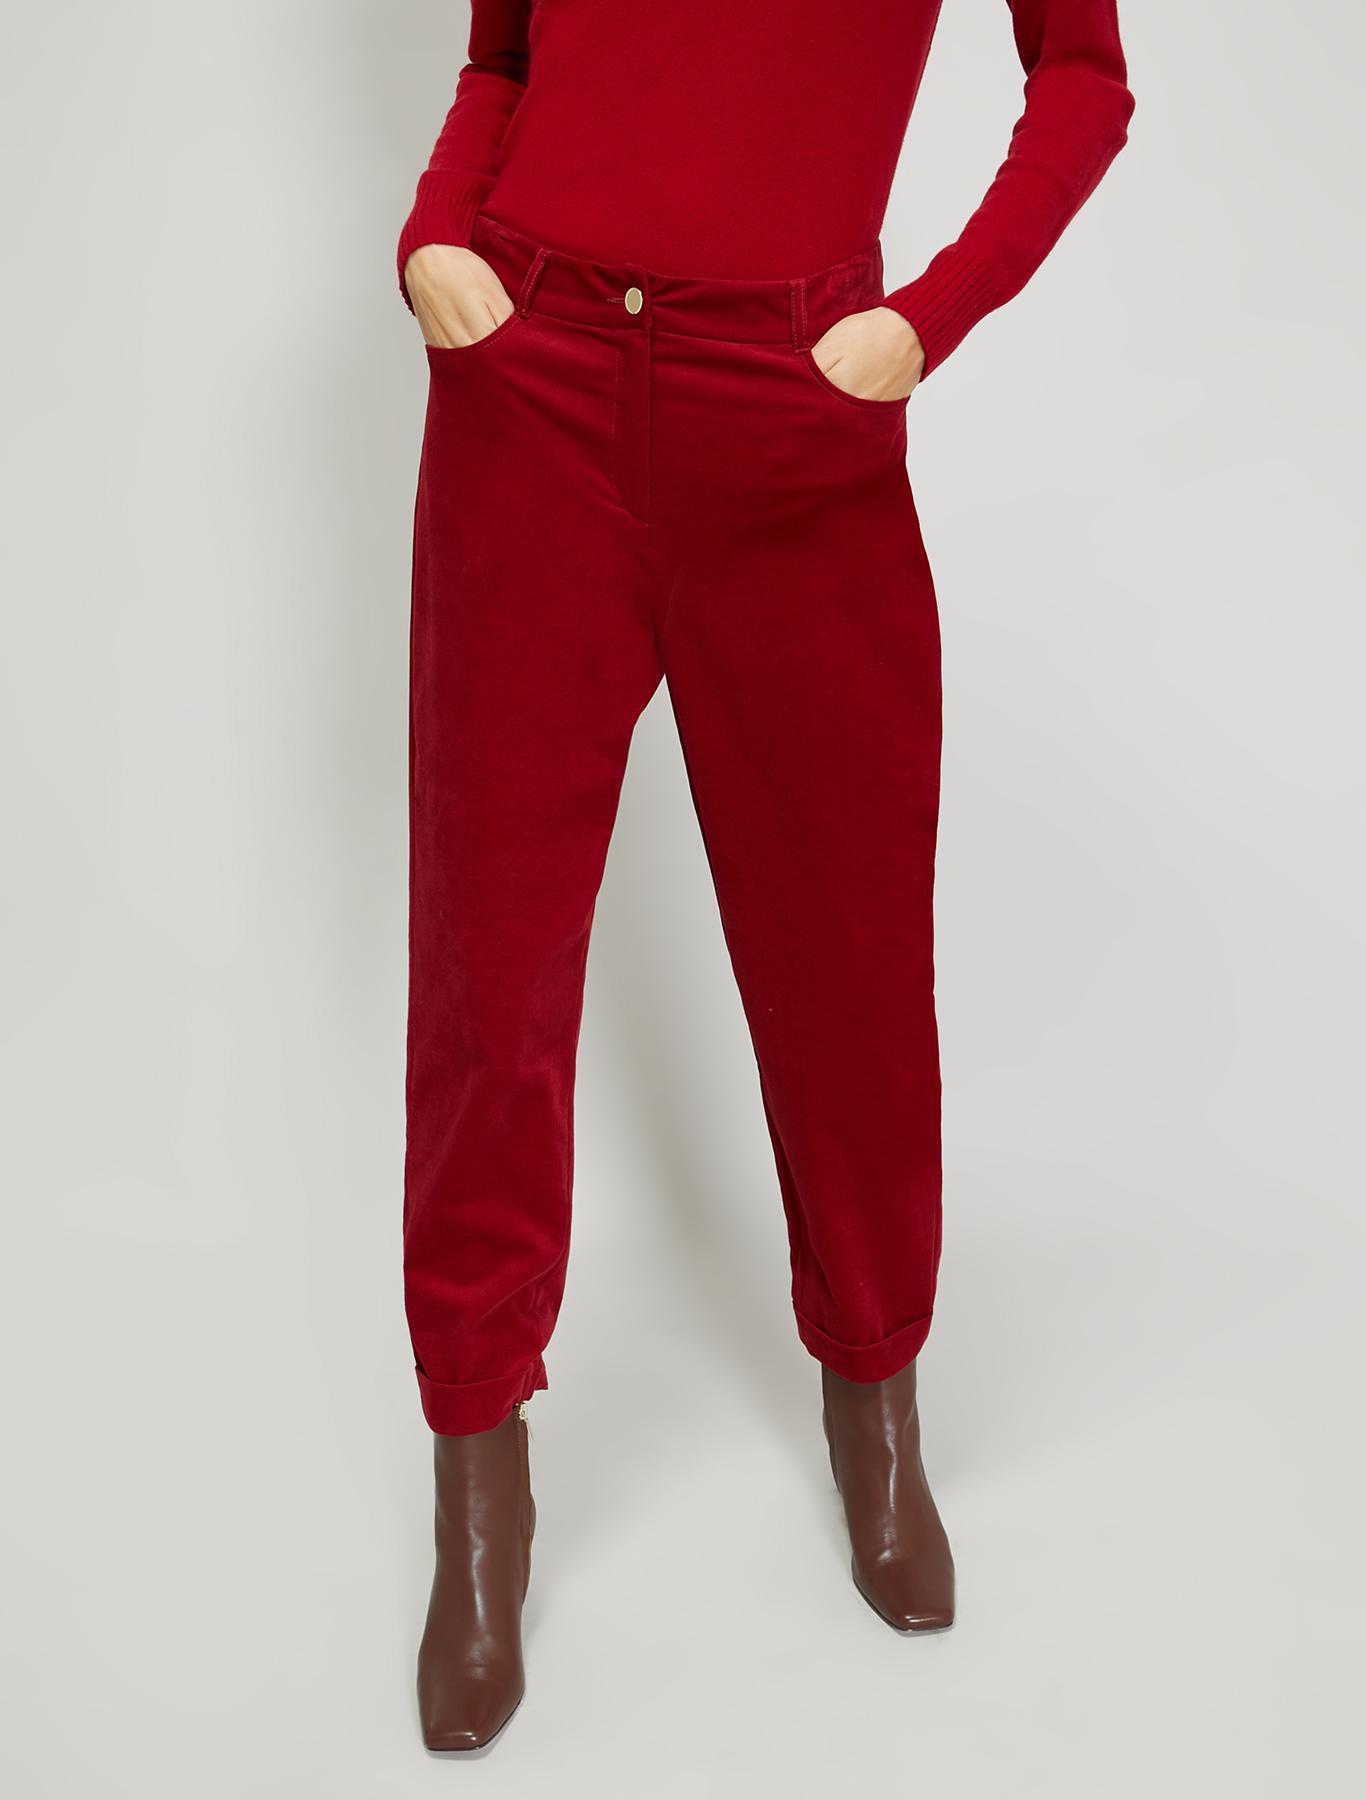 Slim velvet trousers - burgundy - pennyblack